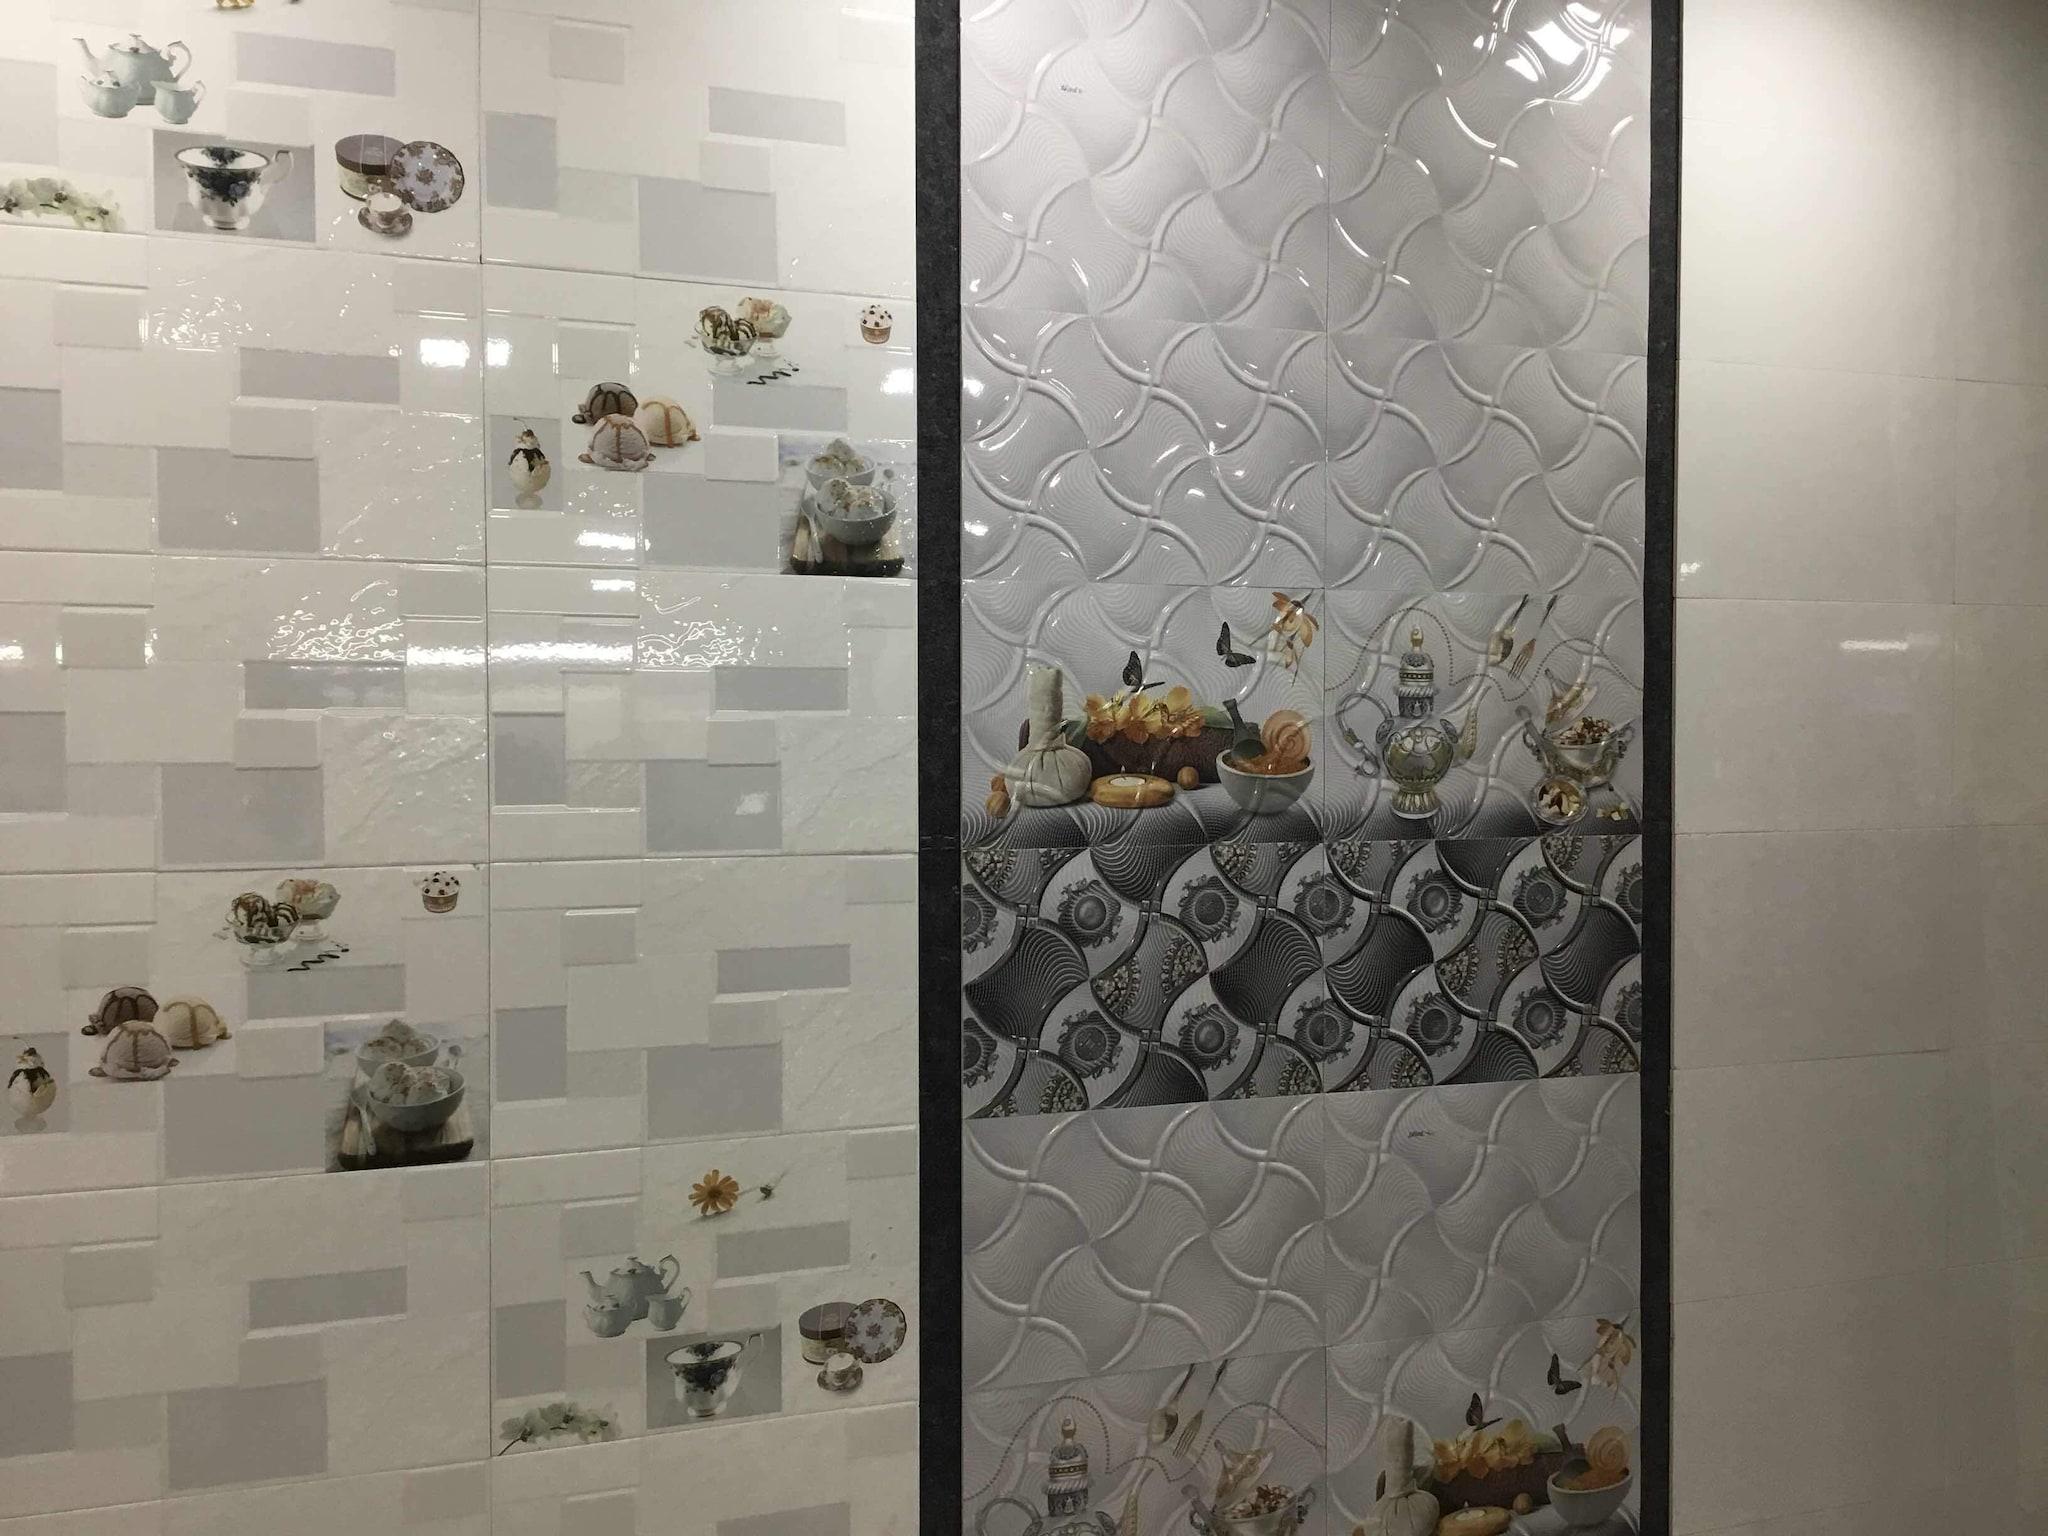 Top Ceramic Tile Dealers In Jamnagar Justdial - Ceramic tile dealers near me